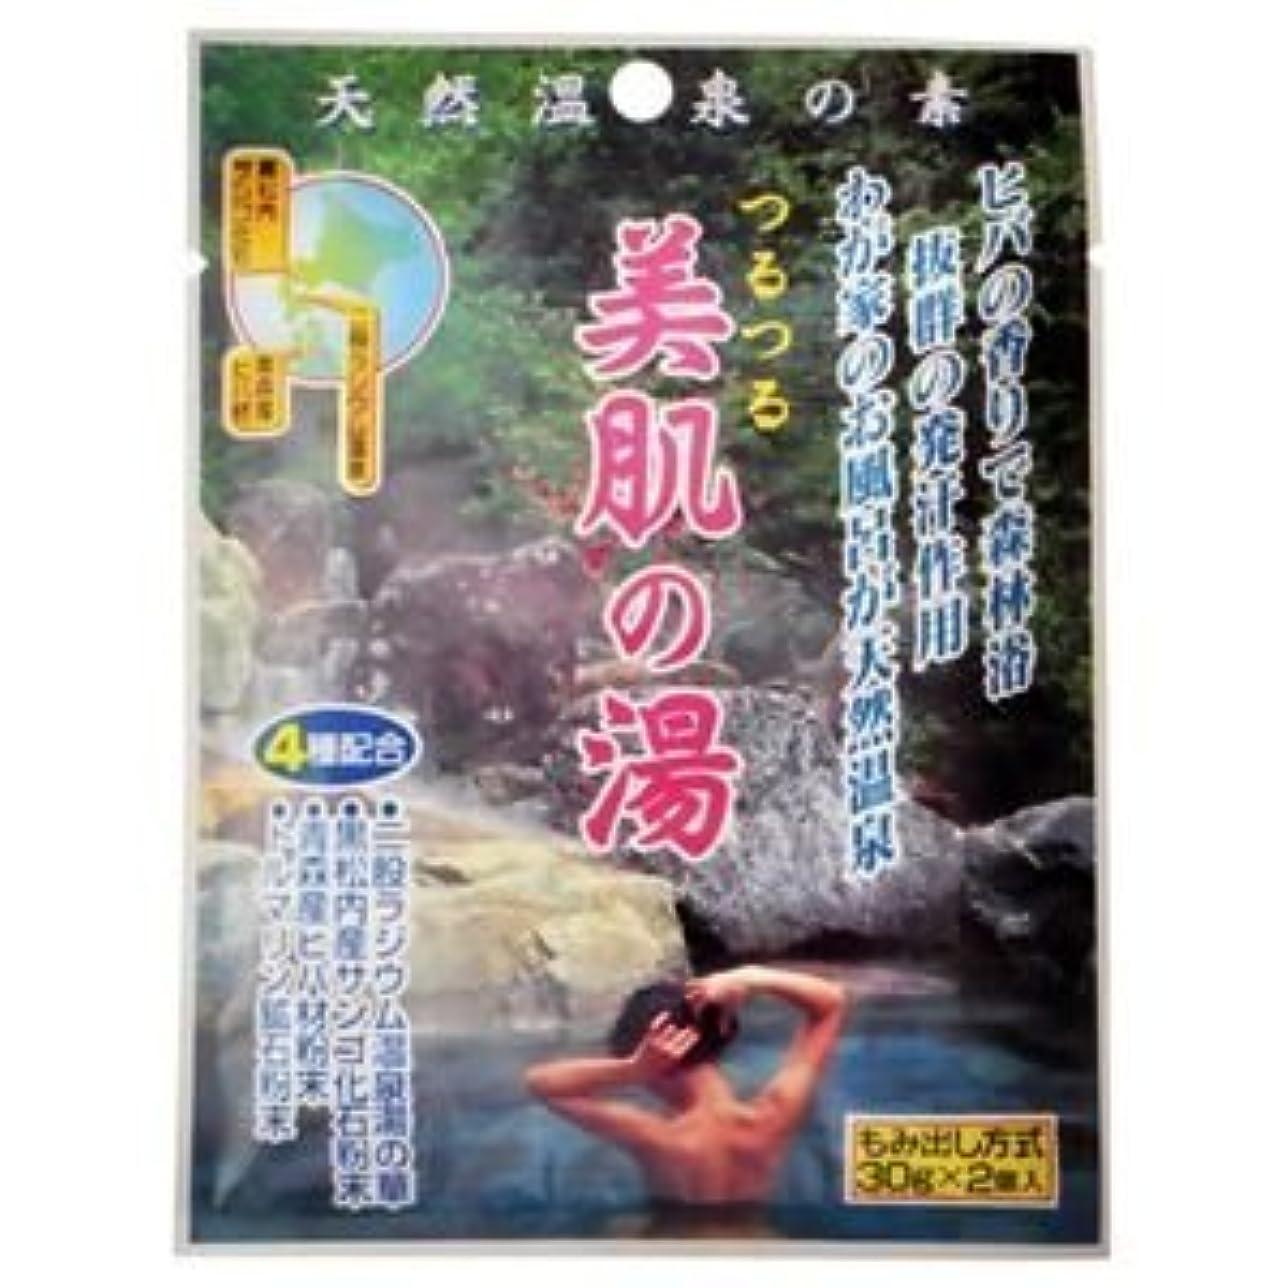 投げる六インフルエンザ天然温泉の素 つるつる美肌の湯 30g×2個入(入浴剤) (10個セット)